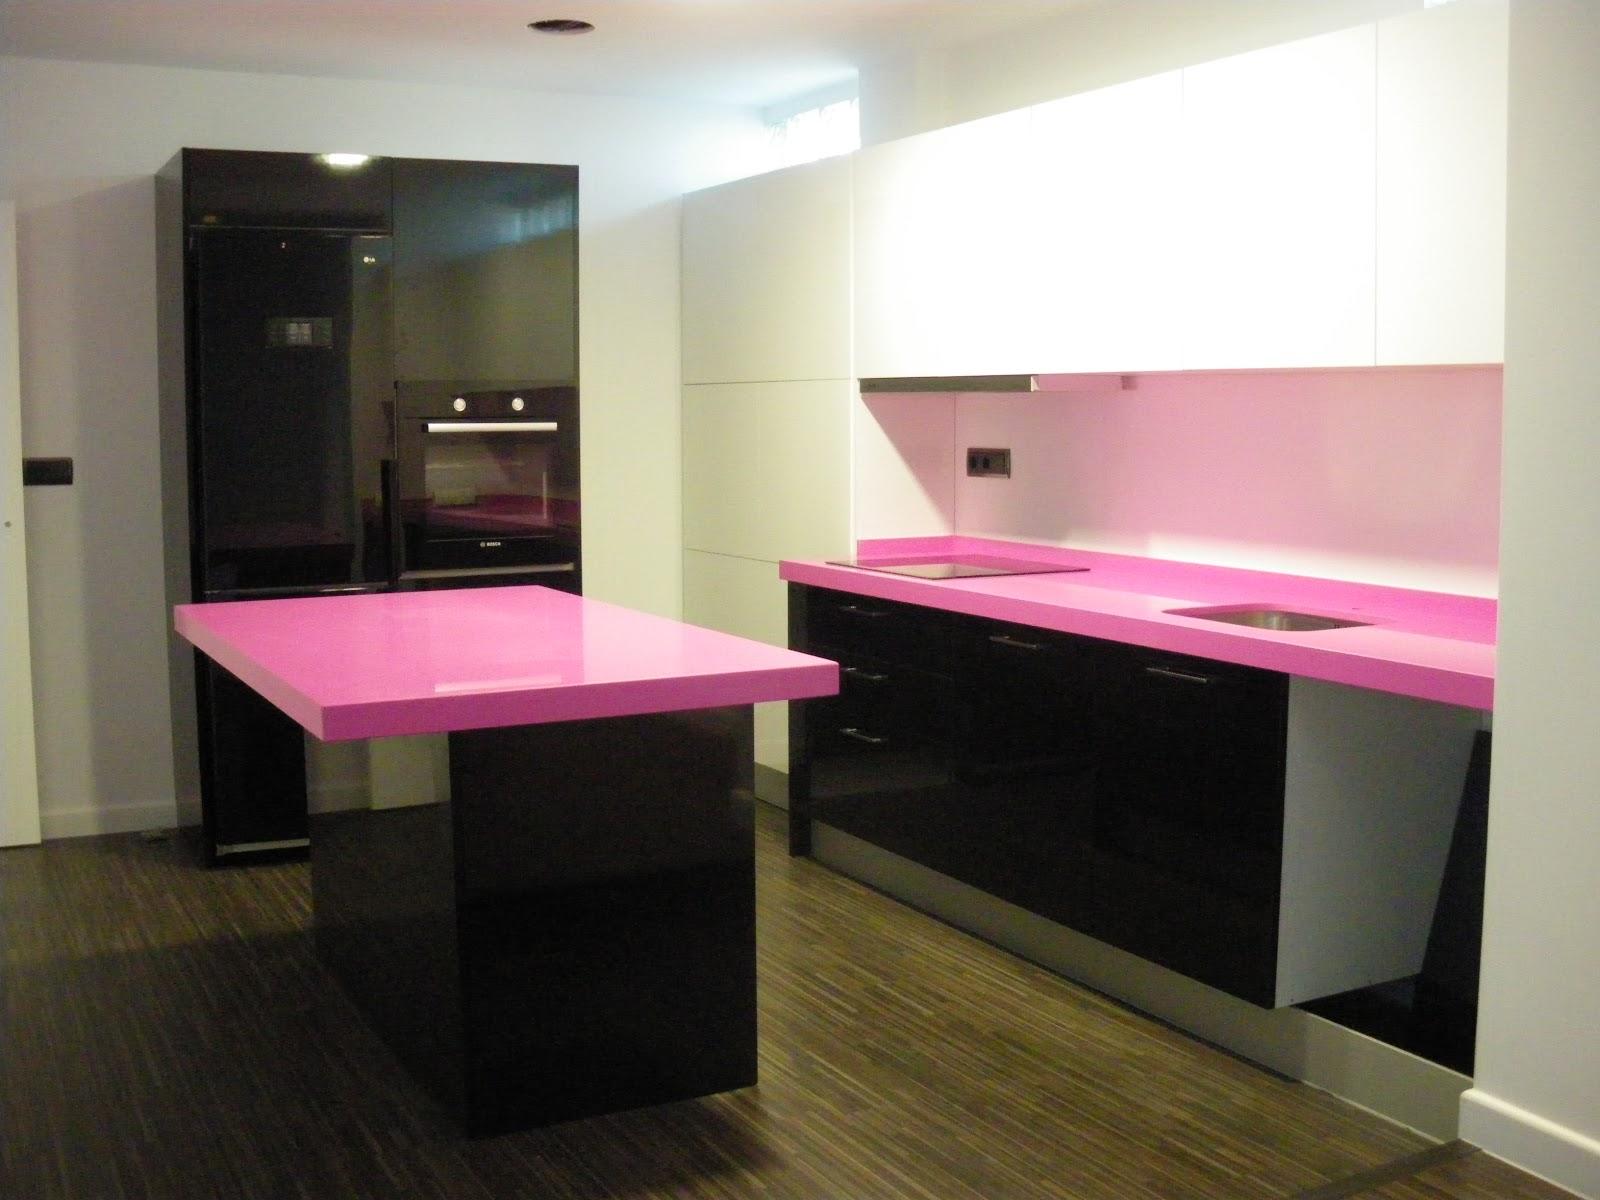 cms lo que permite a dos personas estar pulando por la cocina una en la zona de placa y otra a la barra o trabajando sobre ella